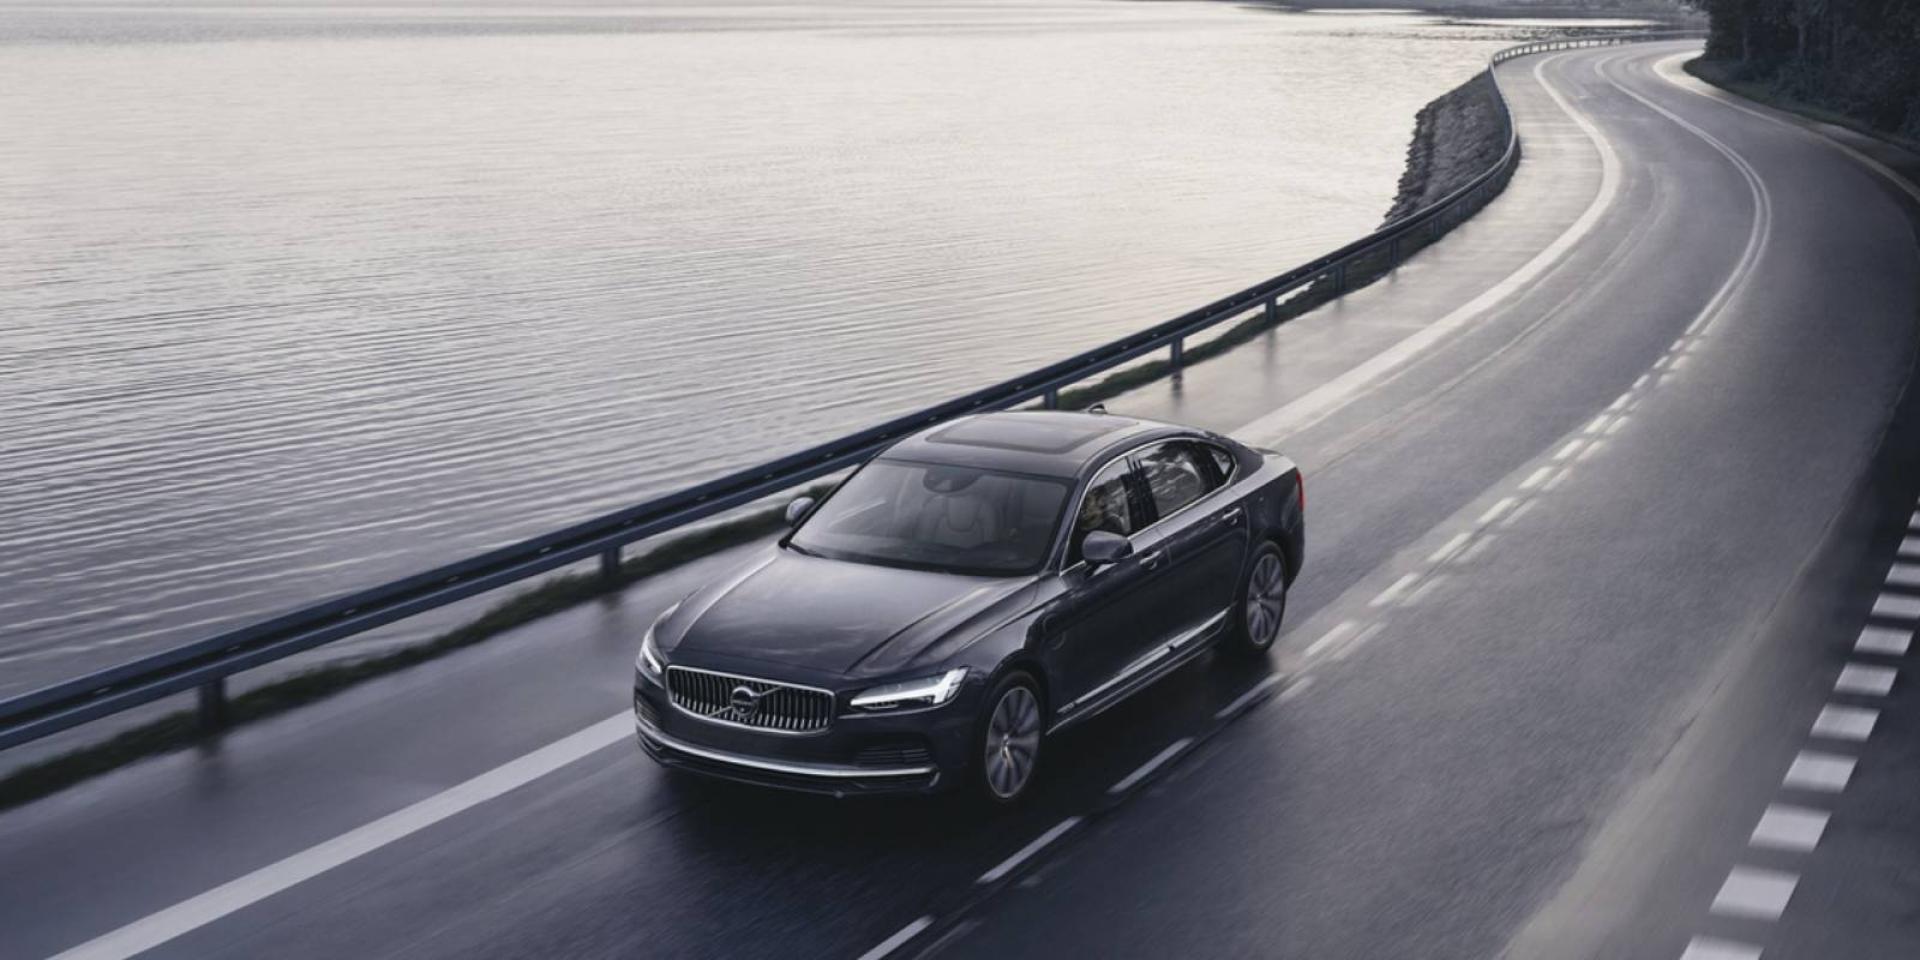 官方新聞稿。The New Volvo S90 旗艦再進化  北歐豪華新典範 空間王者制霸同級